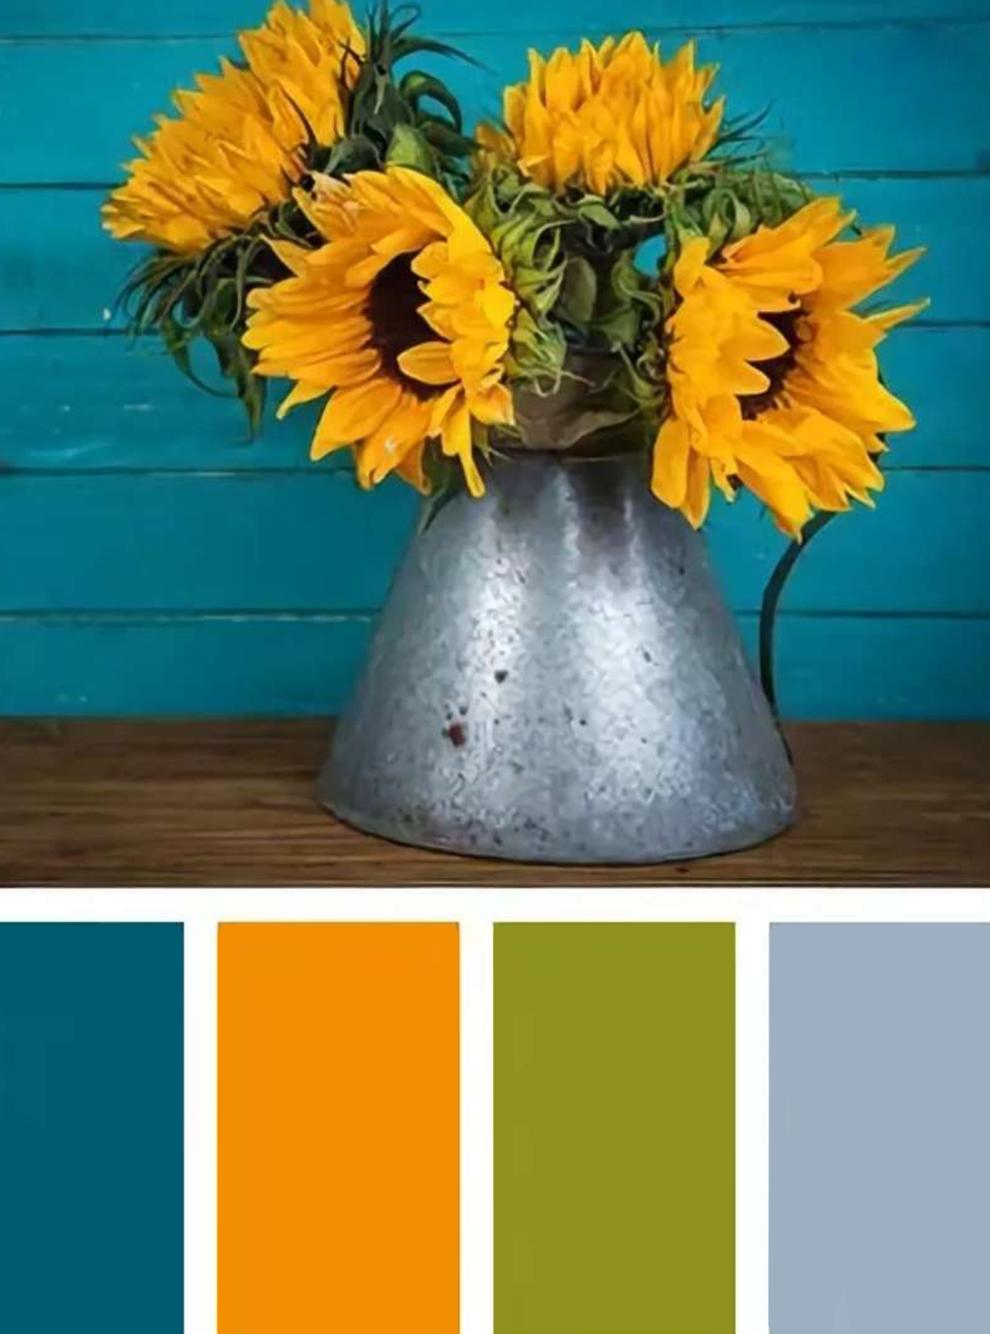 В Пинтересте много картинок, где собраны гармоничные сочетания цветов. Это помогает подобрать палитру, но не всегда самую удачную для конкретного интерьера. У меня вышел прокол с сочетанием голубой — желтый — серый, поэтому цвета пришлось корректировать уже в процессе